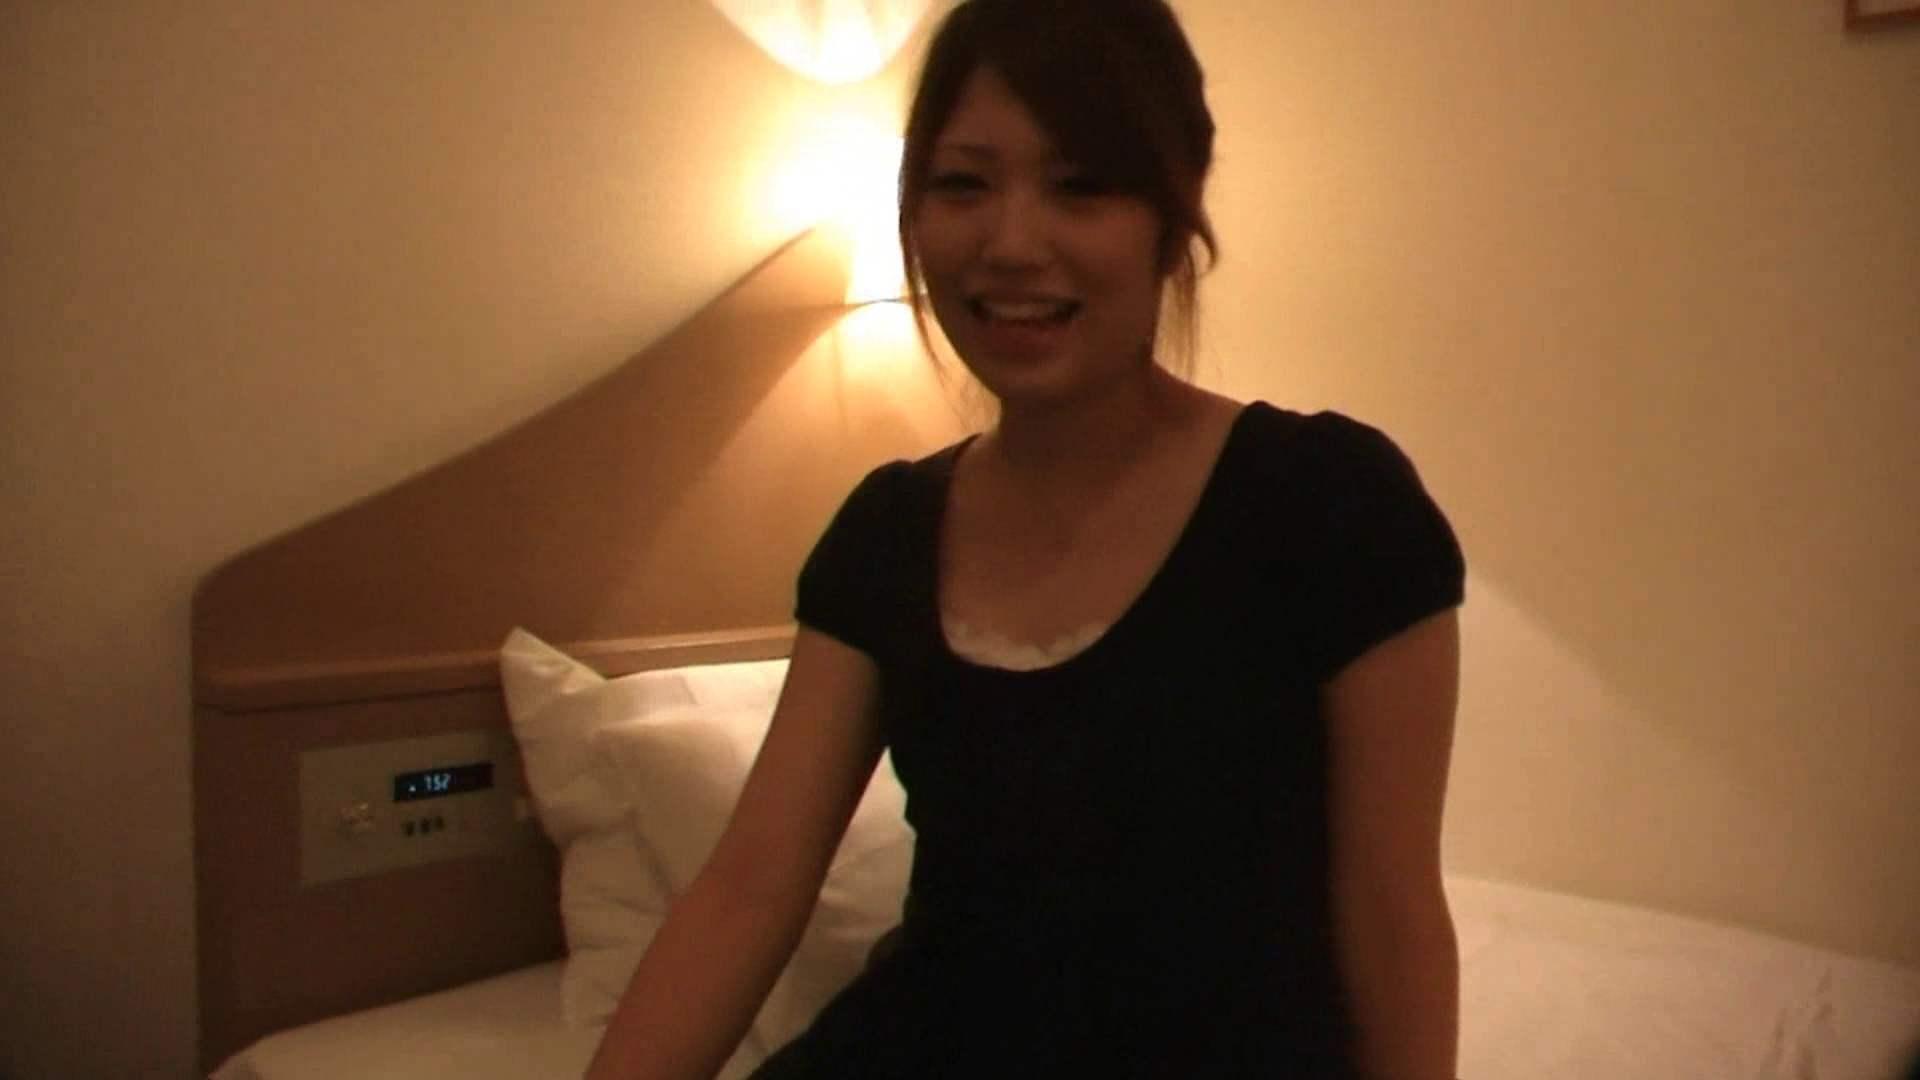 投稿素人 若妻妊婦19歳みさと 素人流出 ヌード画像 102PIX 2